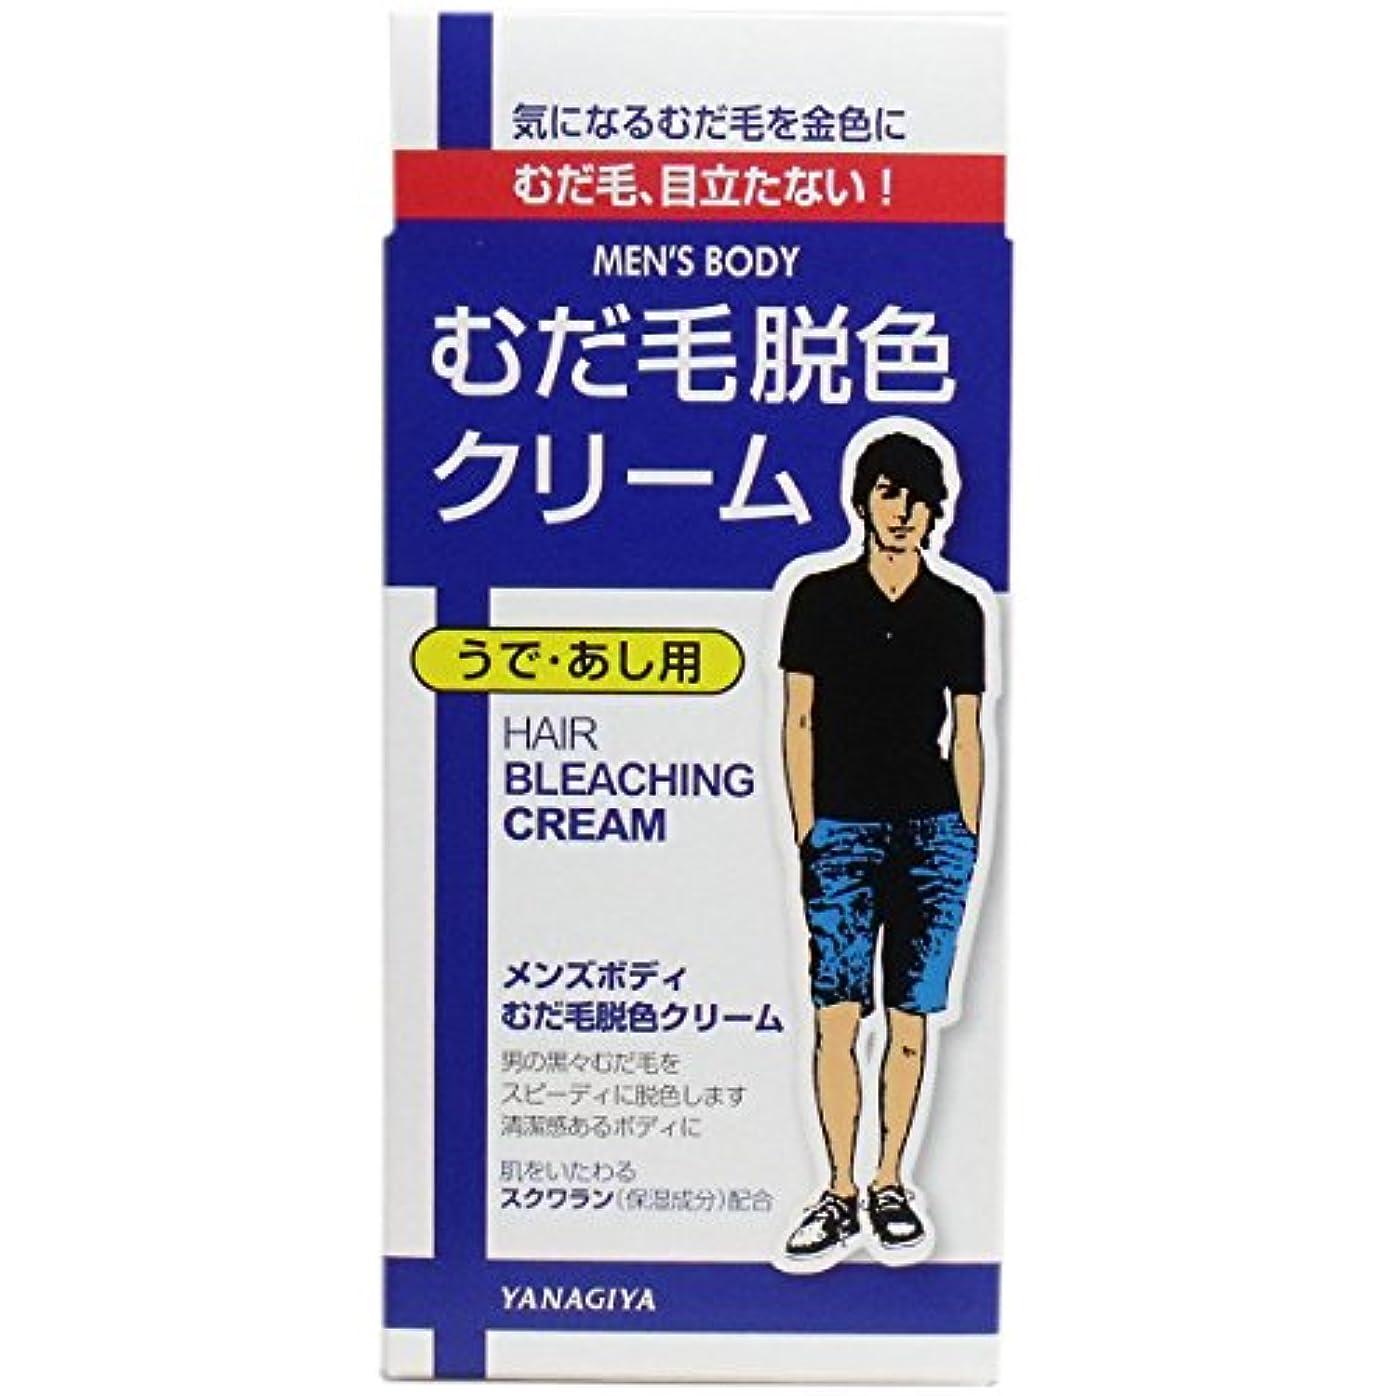 【柳屋本店】柳屋 メンズボディ むだ毛脱色クリーム N 40g+80g(医薬部外品)(お買い得3個セット)